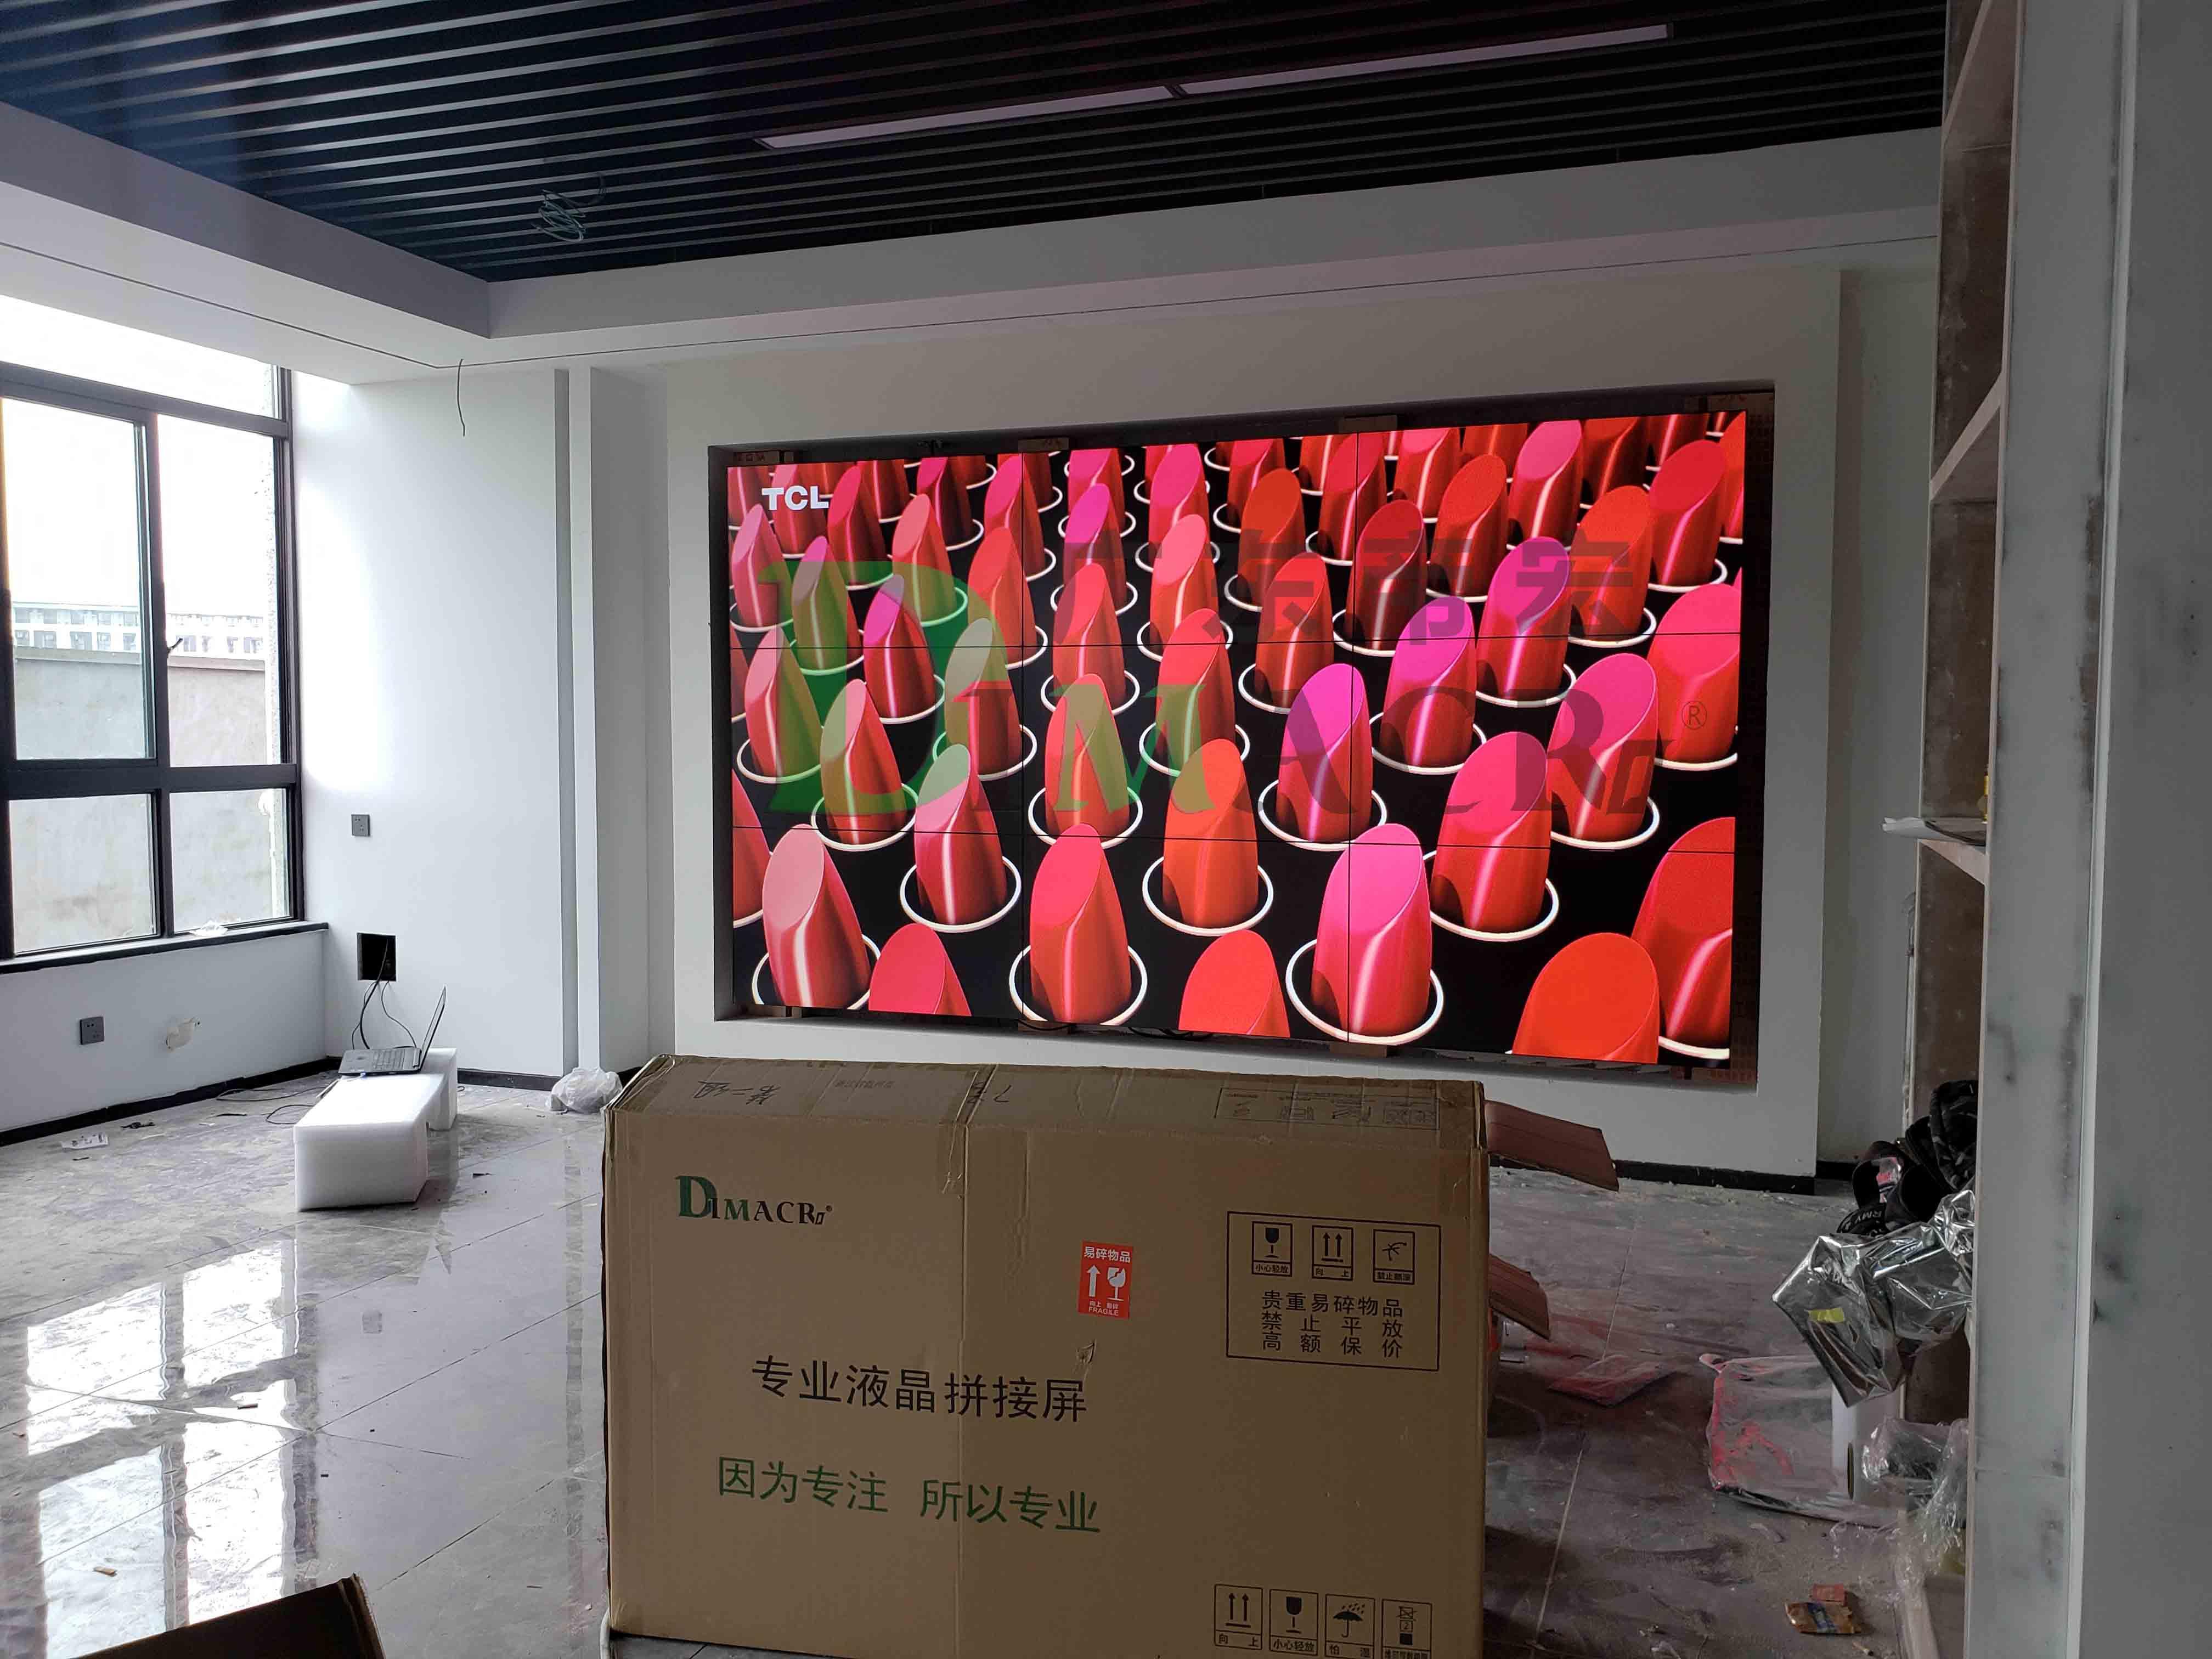 京东方46寸3x3拼接会议展厅使用